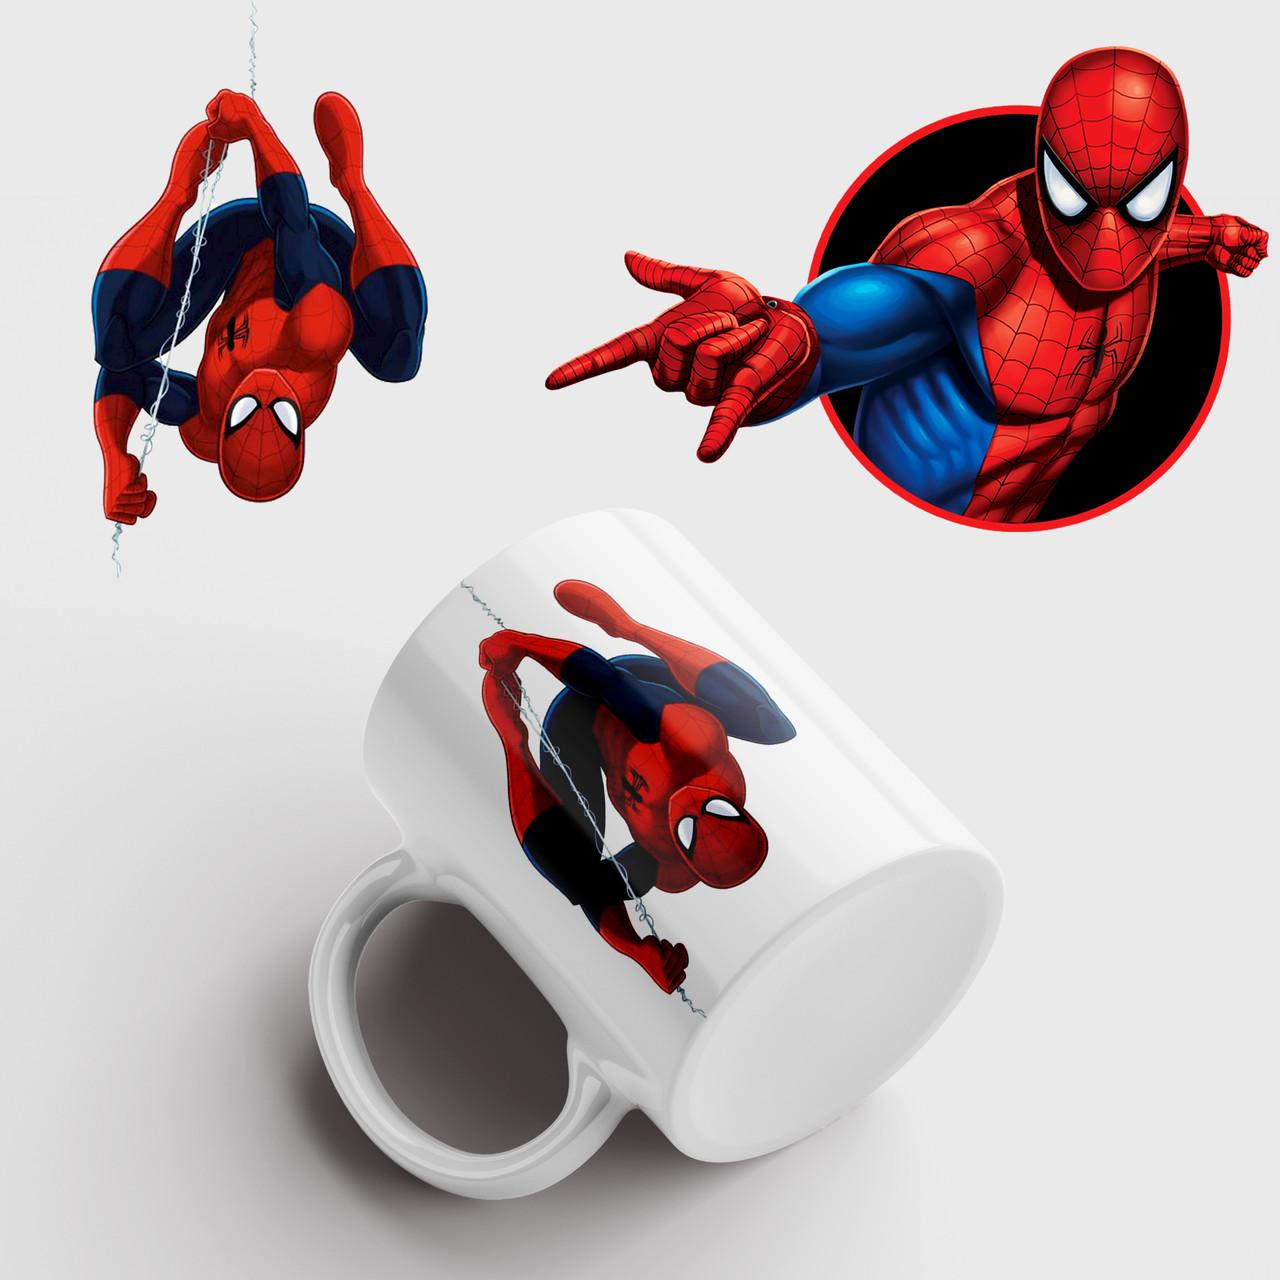 Чашка з принтом Людина павук. Чашка з принтом Spider-Man v7. Чашка з фото